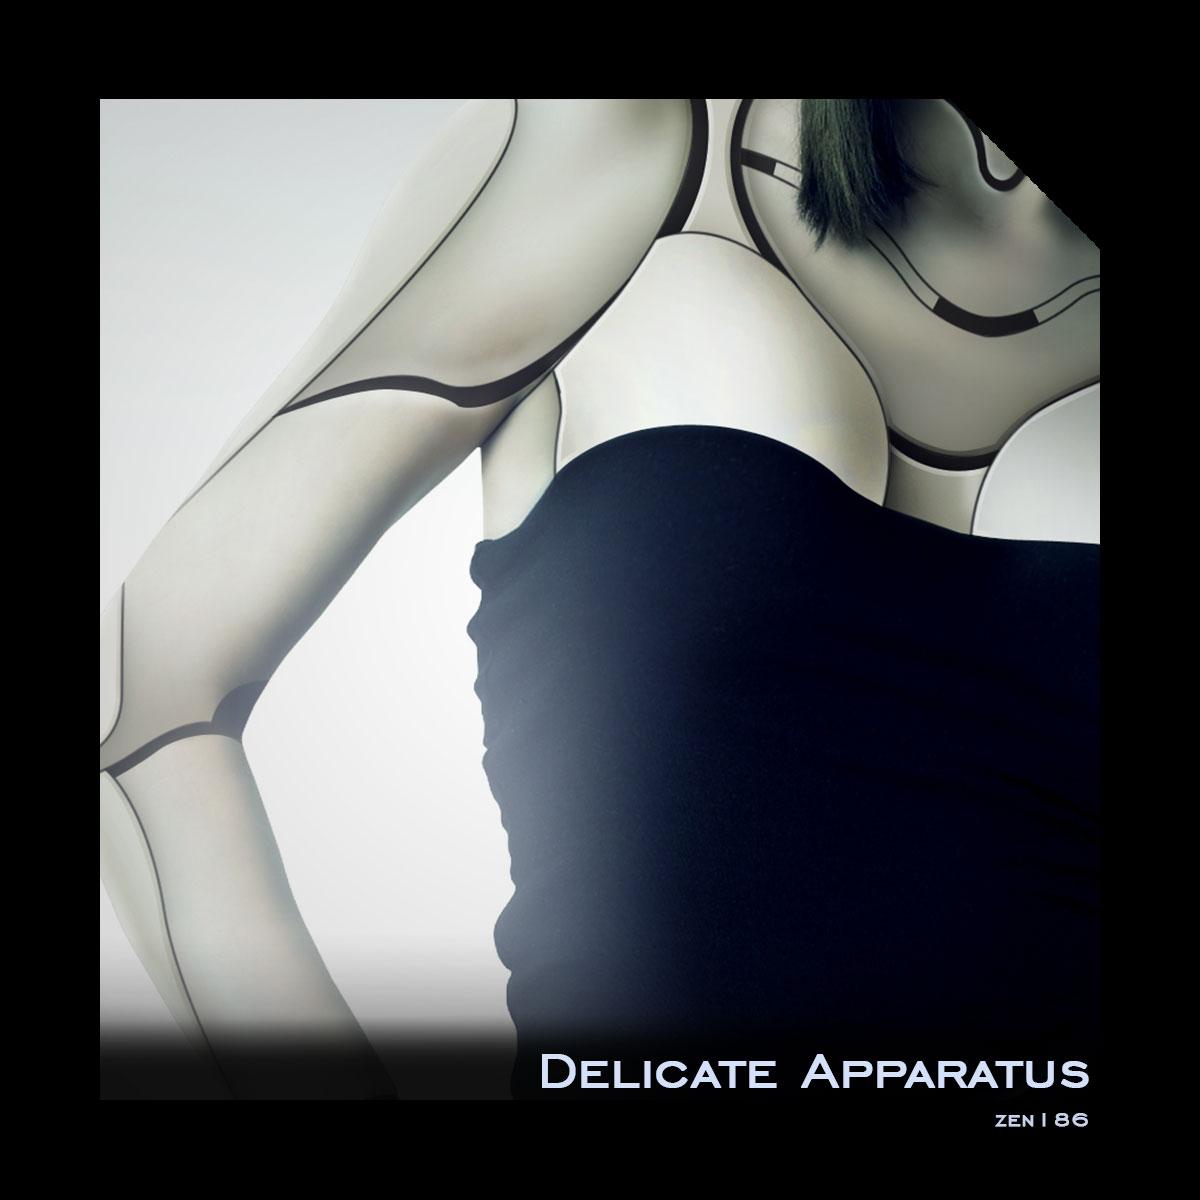 Delicate Apparatus – Delicate Apparatus